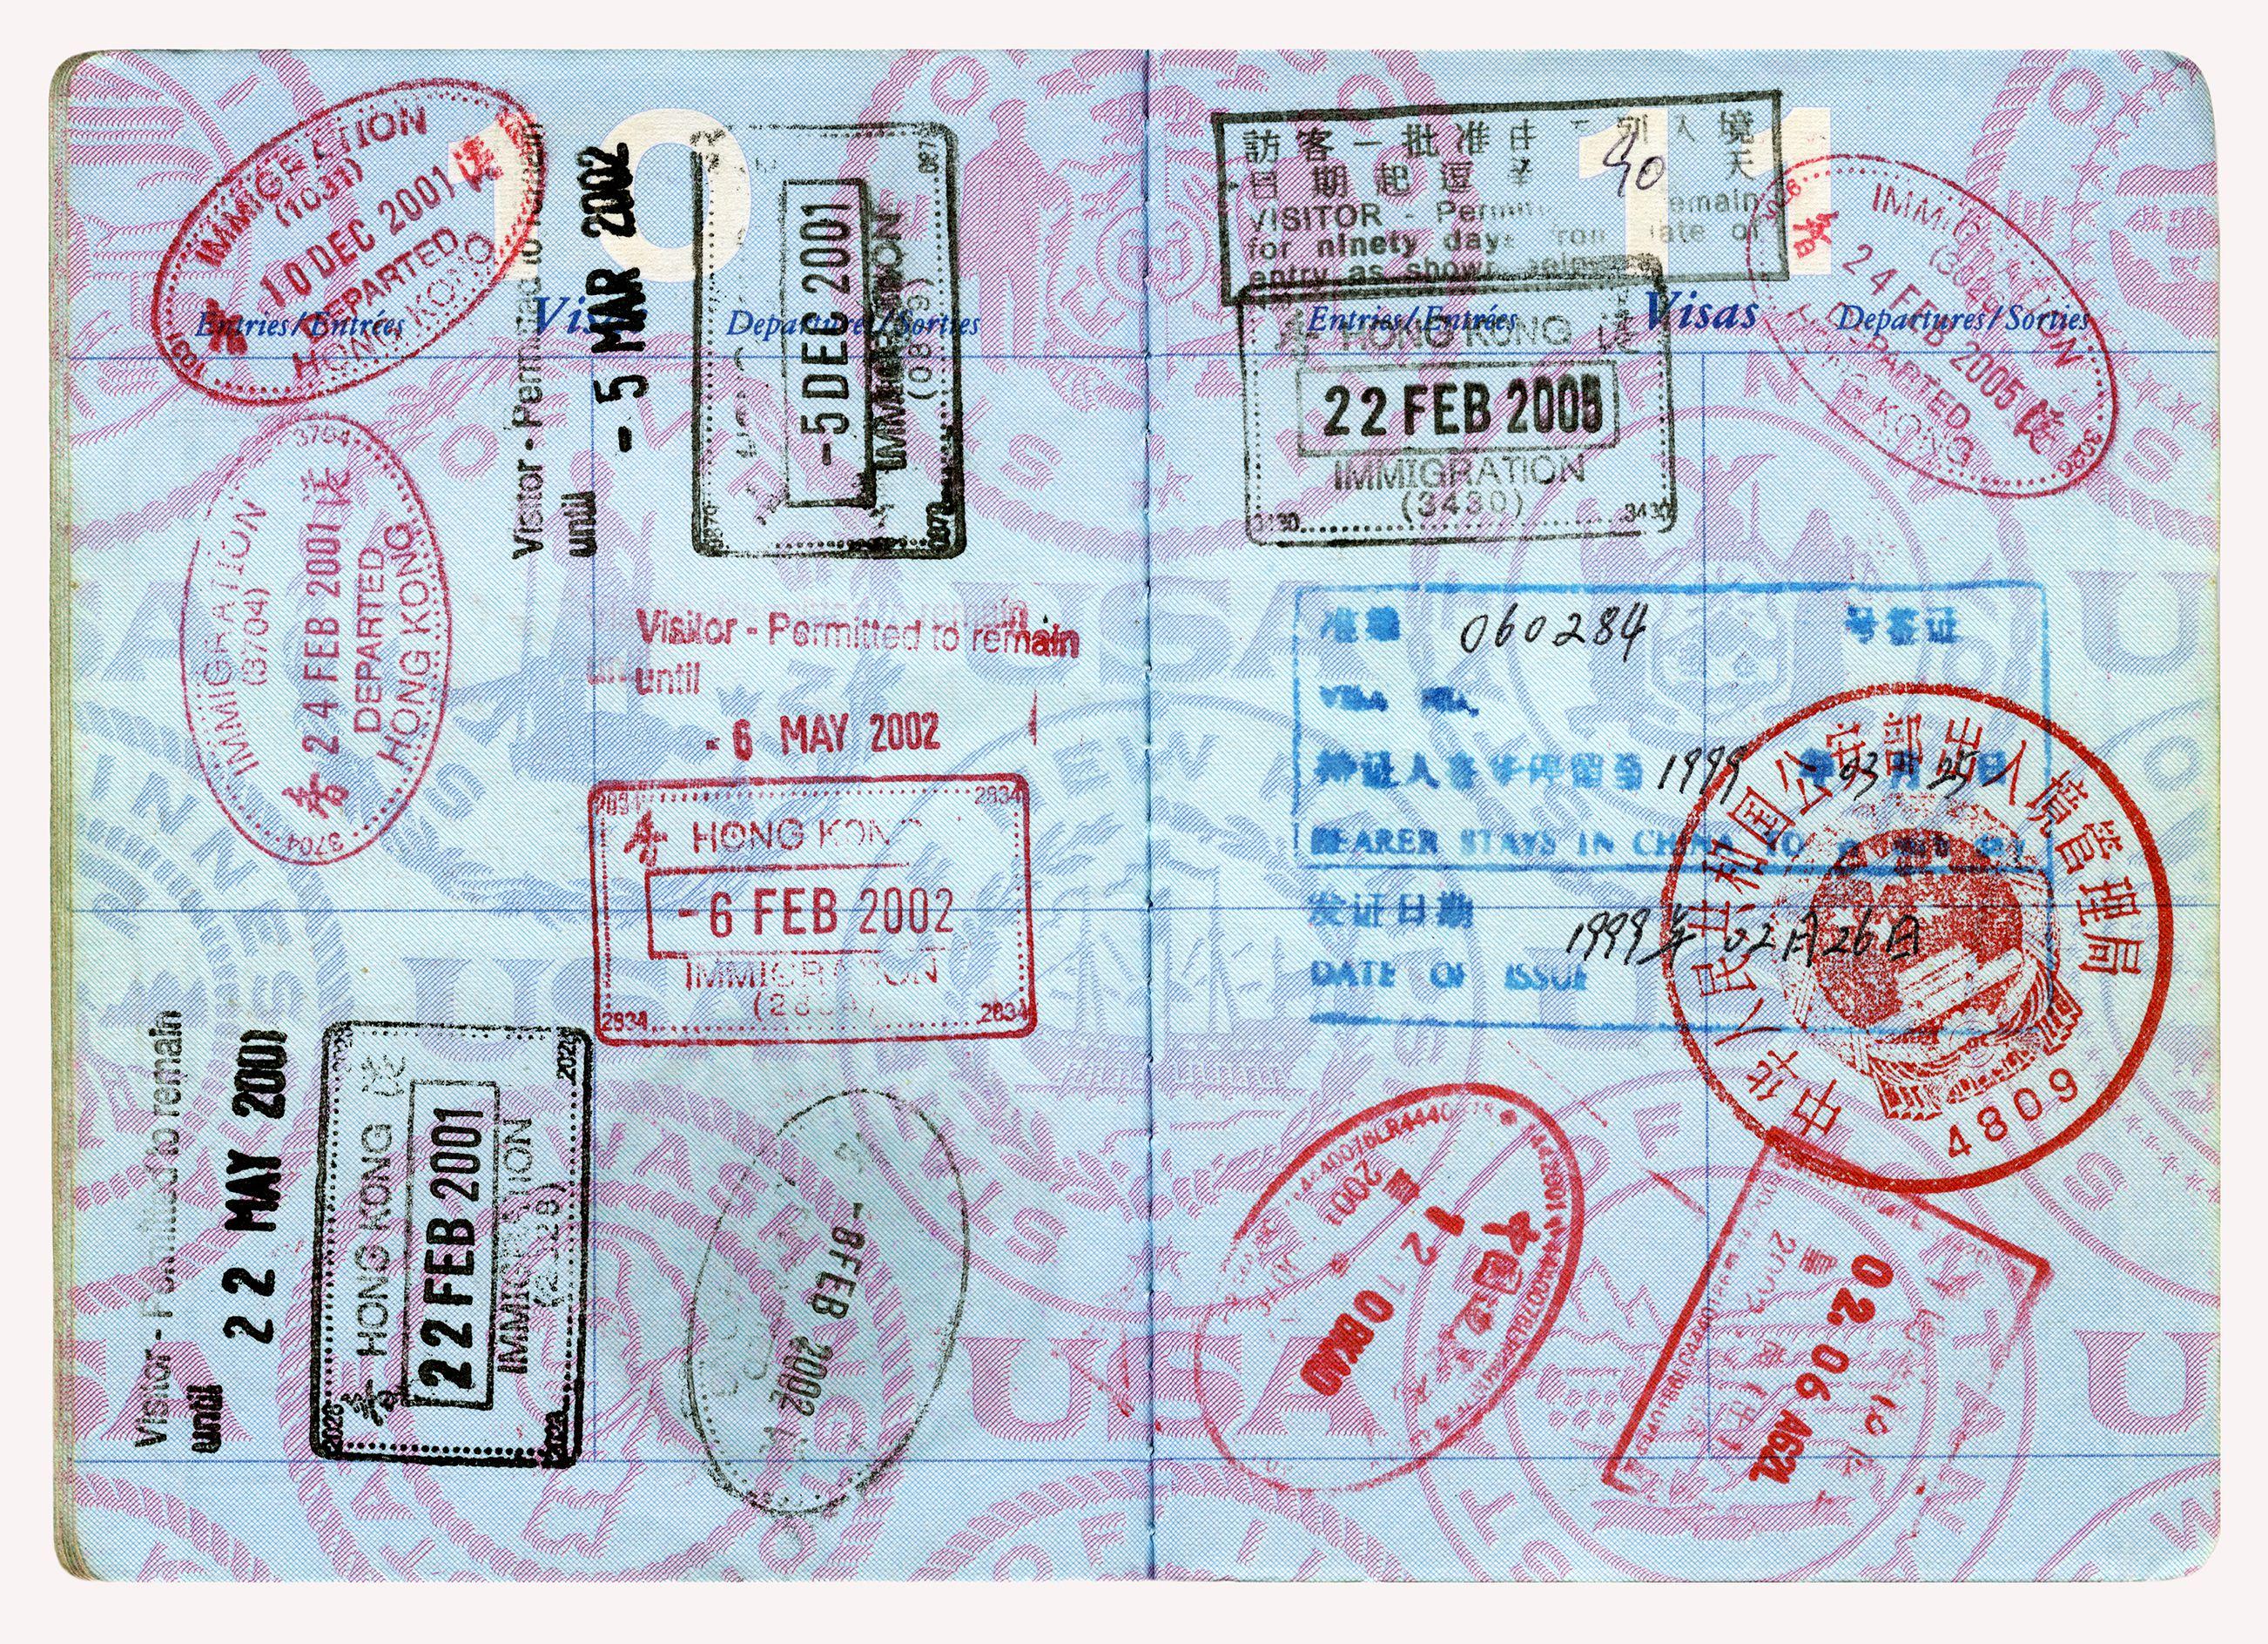 Visiting China From Hong Kong